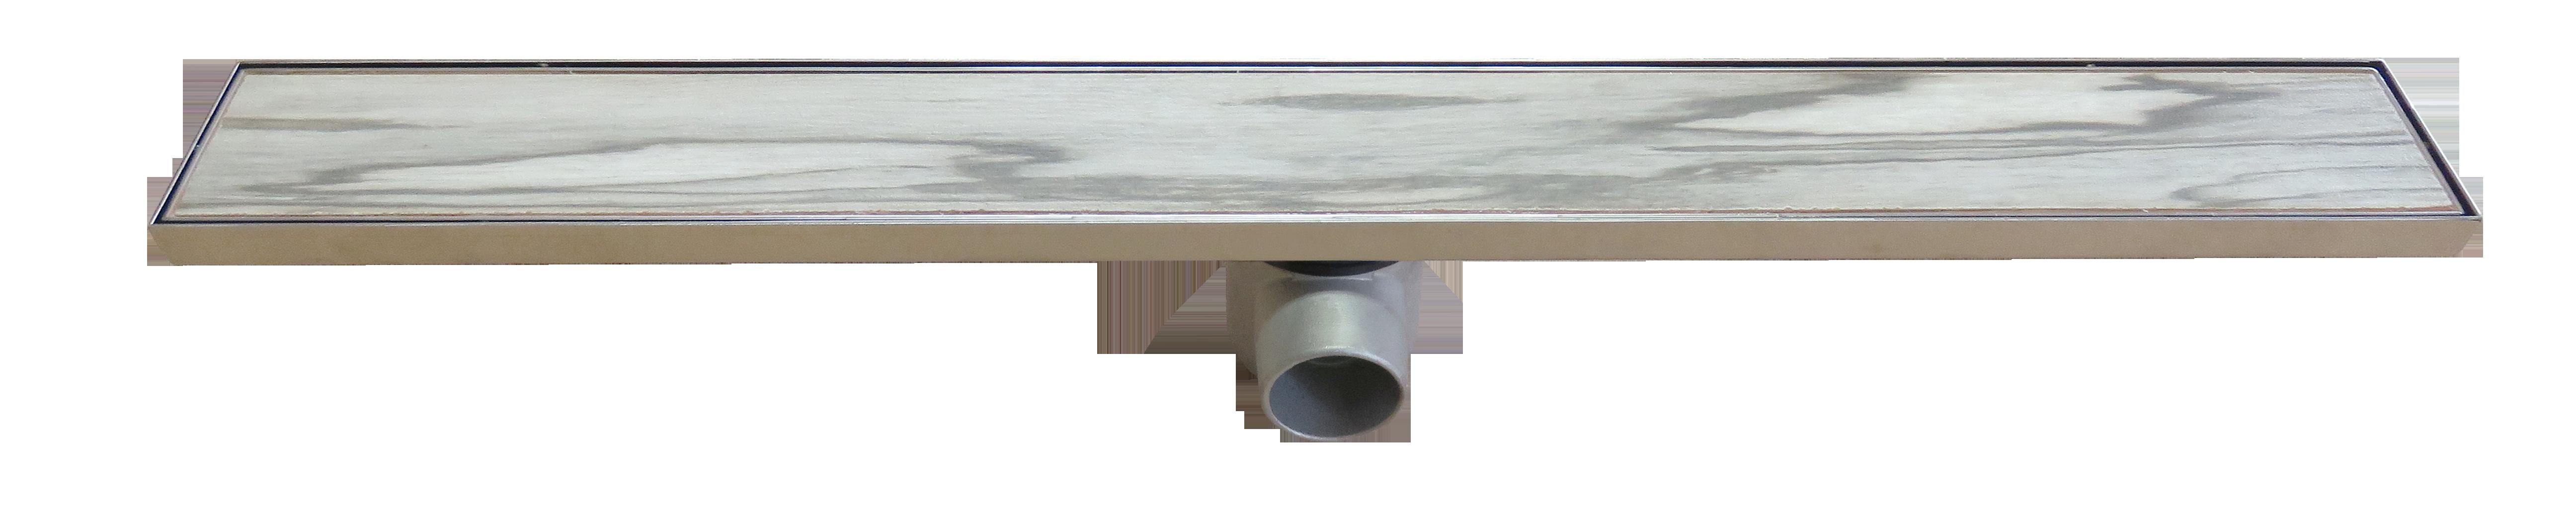 Подов линеен сифон за баня 960мм предназначен за вграждане на плочка или стъкло